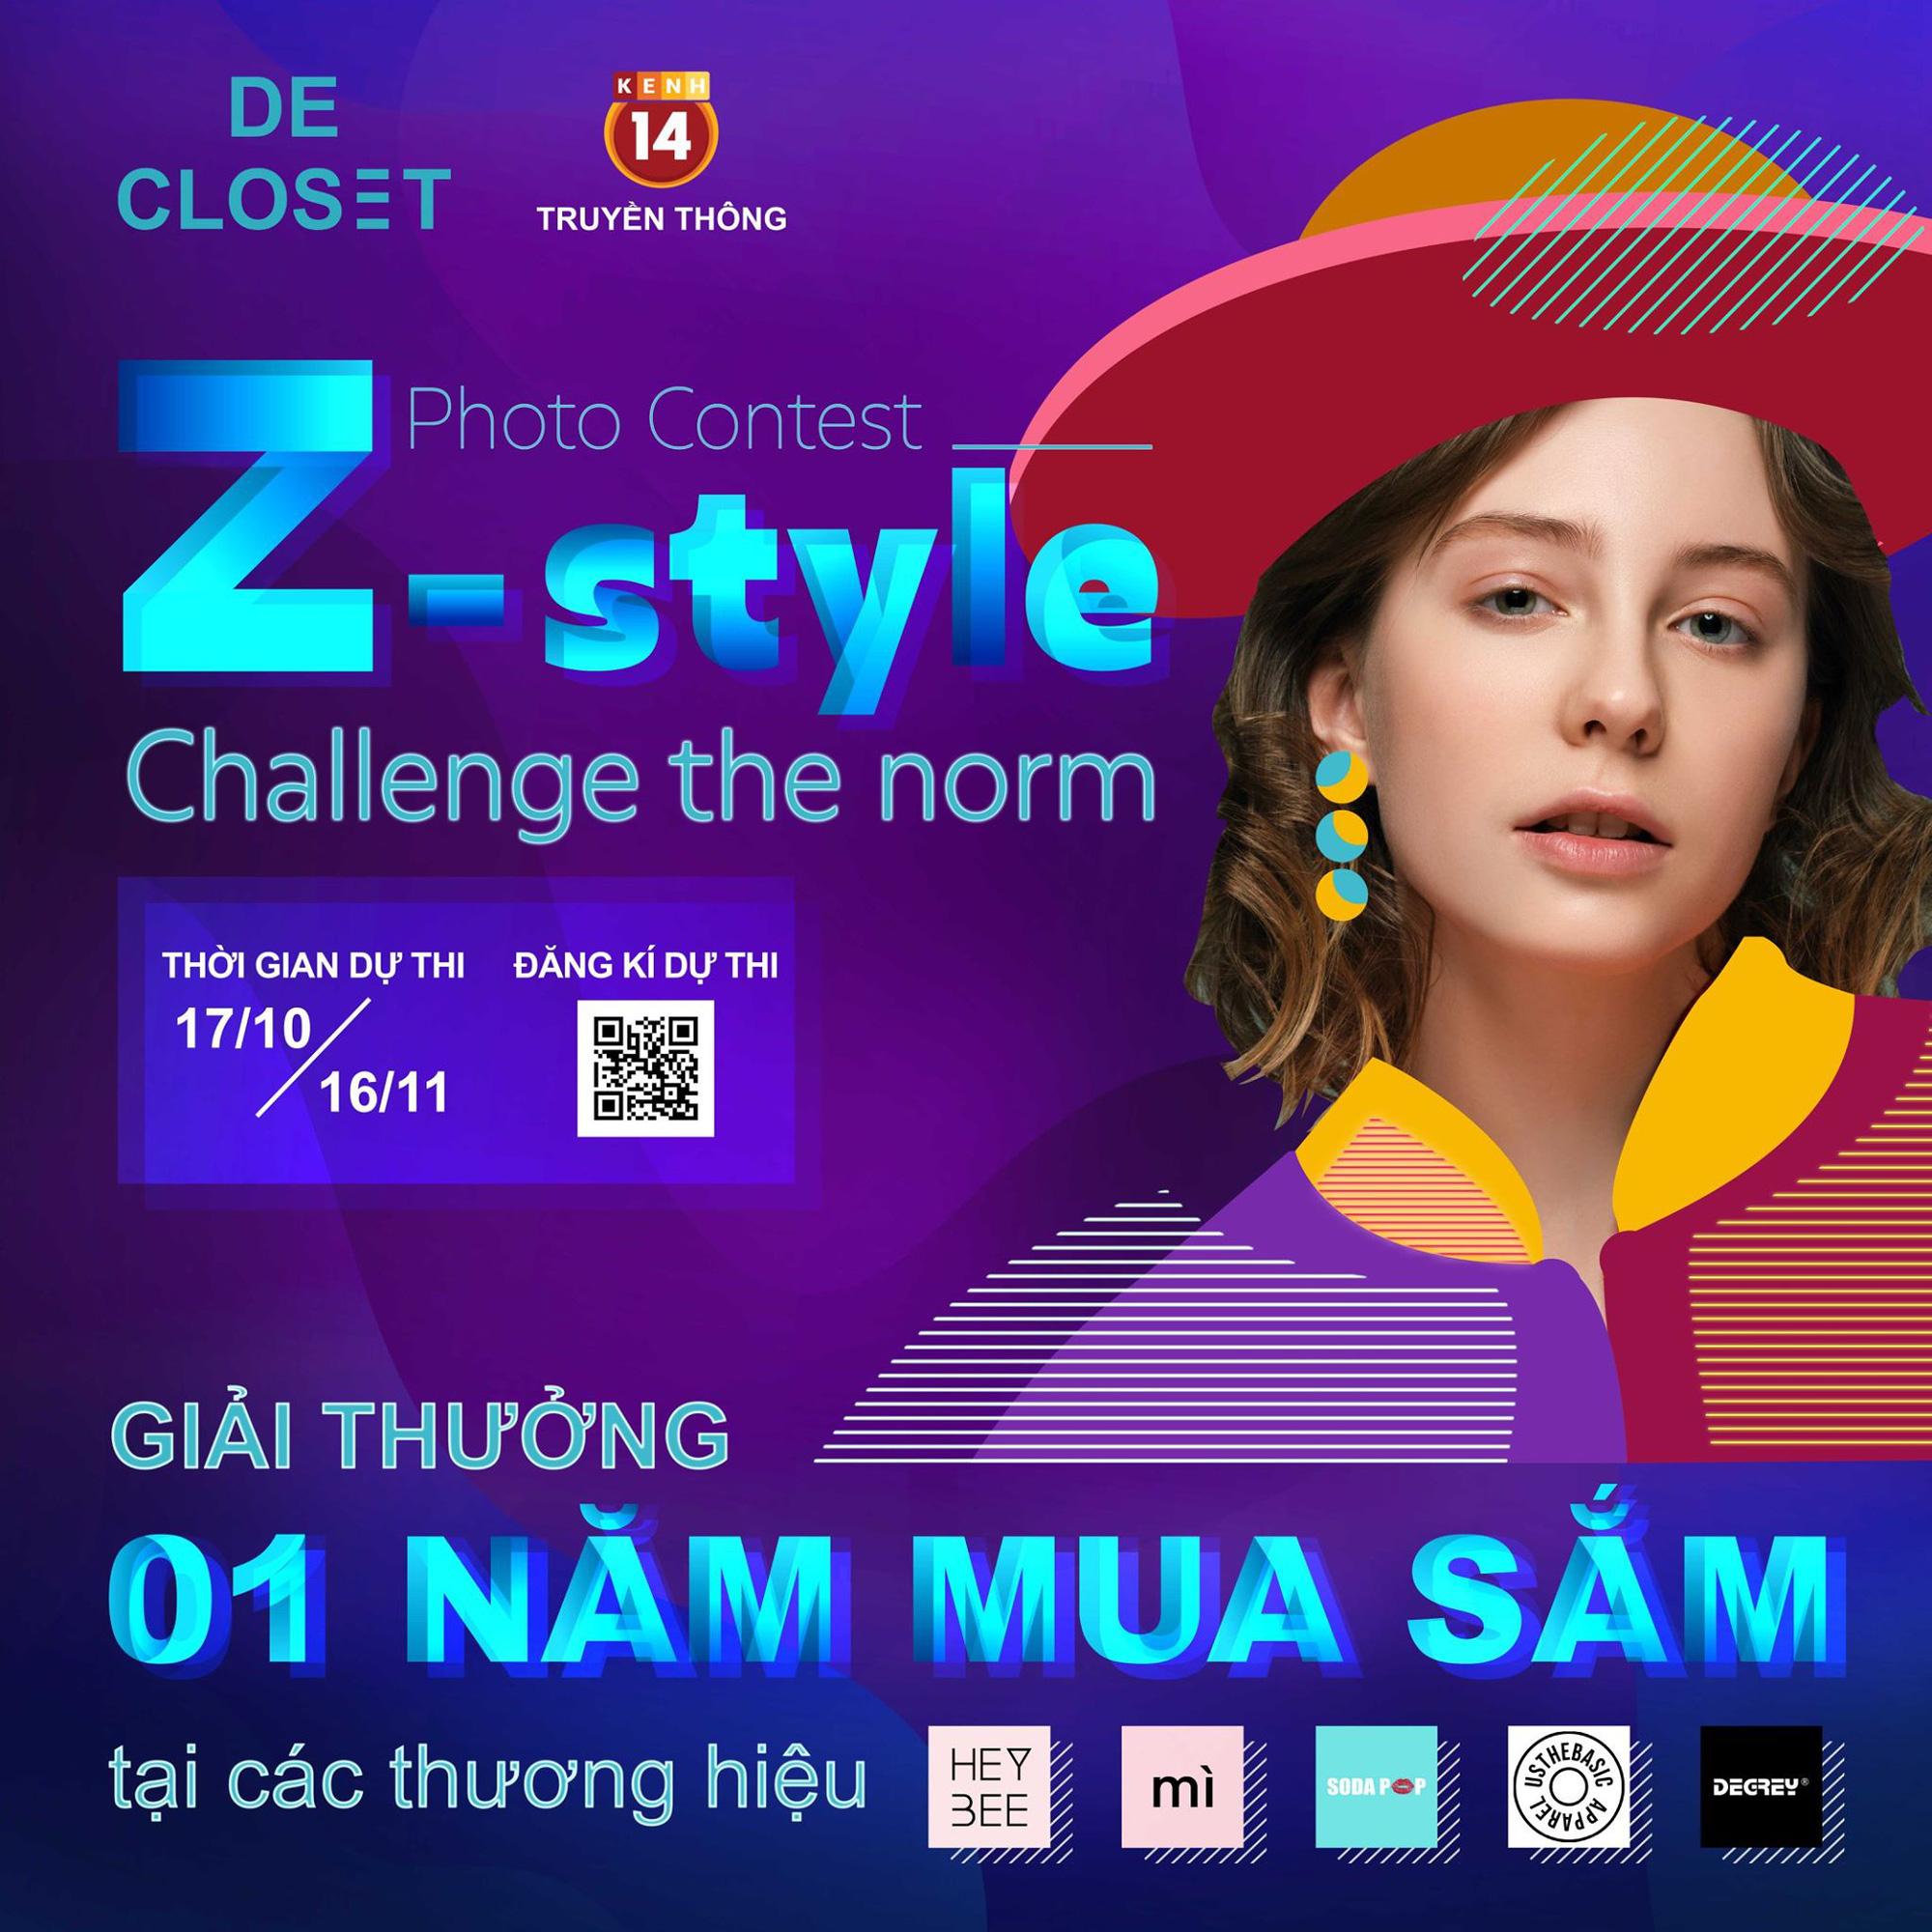 Gặp dàn trai xinh gái đẹp là founder của các thương hiệu thời trang đình đám đang đồng hành cùng cuộc thi Z-style - Ảnh 7.